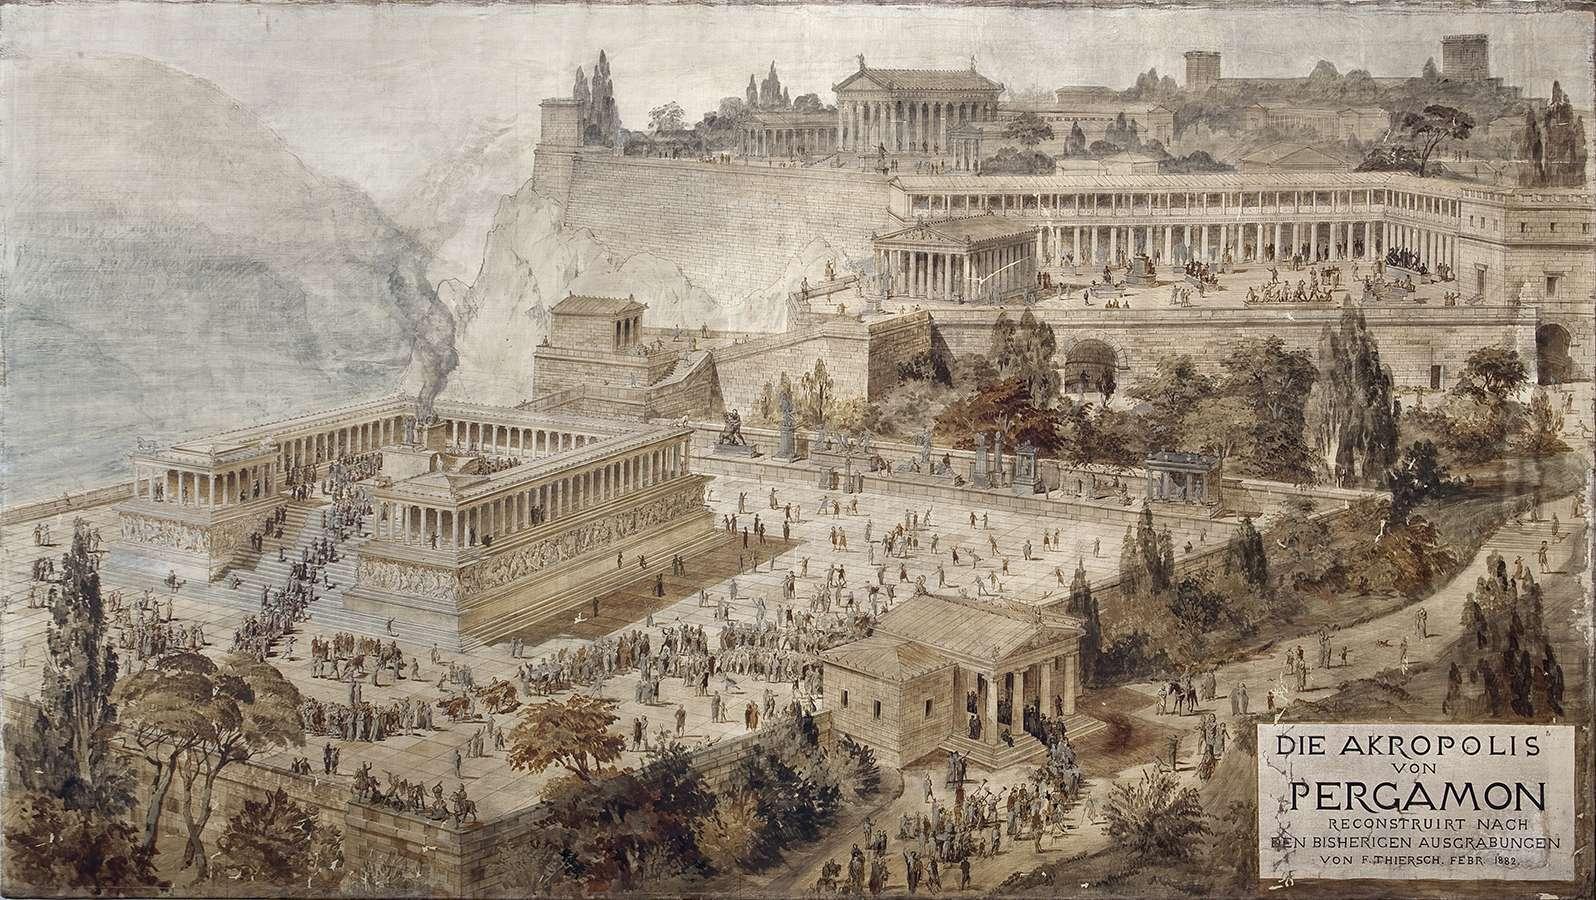 Αναπαράσταση της ακρόπολης της Περγάμου με τον βωμό όπως ήταν κατά την αρχαιότητα. Ειρηναίος Θείρσιος, 1882.